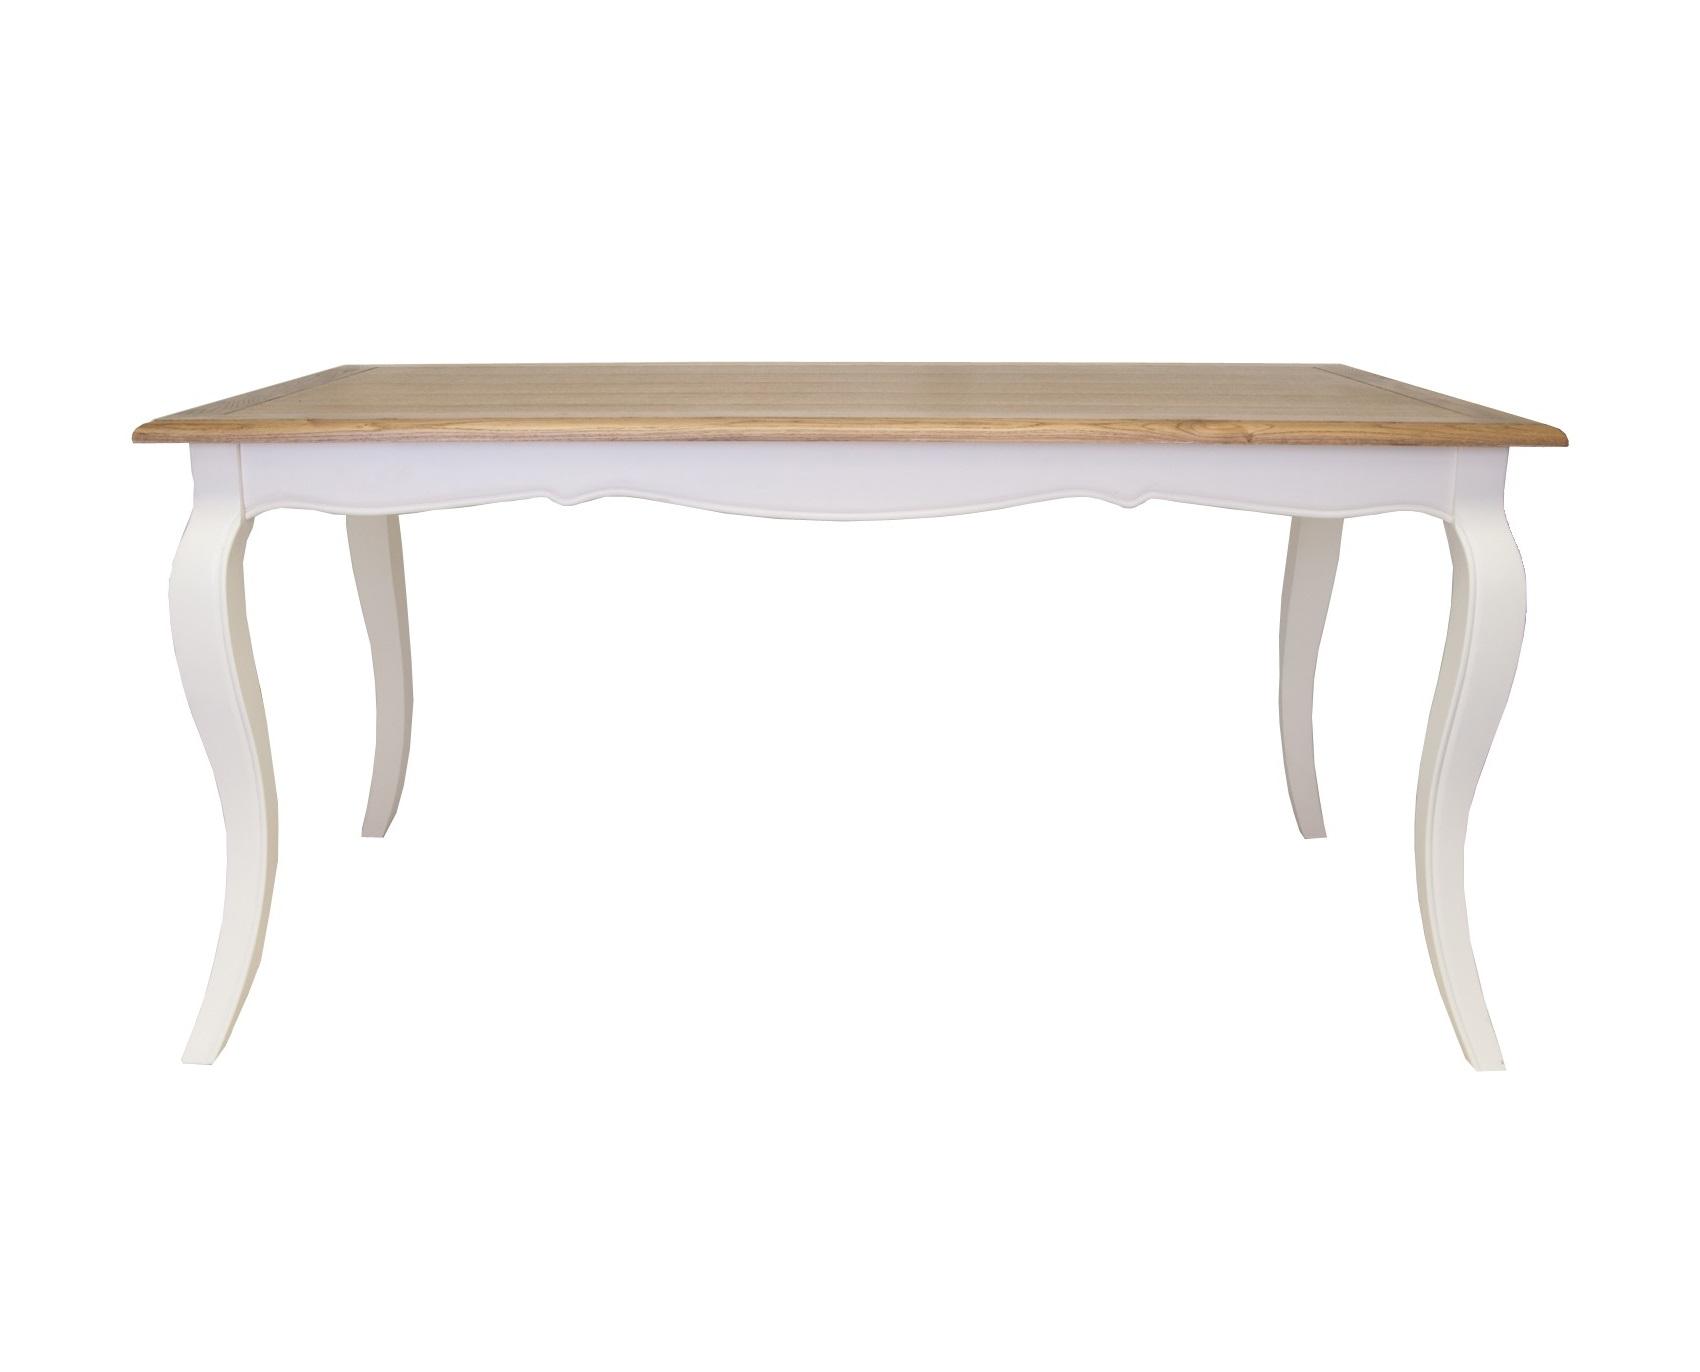 Стол TulinОбеденные столы<br>Стол Tulin демонстрирует безупречные формы, которые наверняка оценят поклонники классического стиля. Этот обеденный стол ручной работы. Hy, а в красоте и изяществе этой модели сложно отказать: ее изогнутые формы станут украшением обеденной зоны.&amp;amp;nbsp;&amp;lt;div&amp;gt;&amp;lt;br&amp;gt;&amp;lt;/div&amp;gt;&amp;lt;div&amp;gt;Материал Массив дуба, Массив березы, МДФ&amp;amp;nbsp;&amp;lt;/div&amp;gt;<br><br>Material: Дерево<br>Ширина см: 160<br>Высота см: 78<br>Глубина см: 90